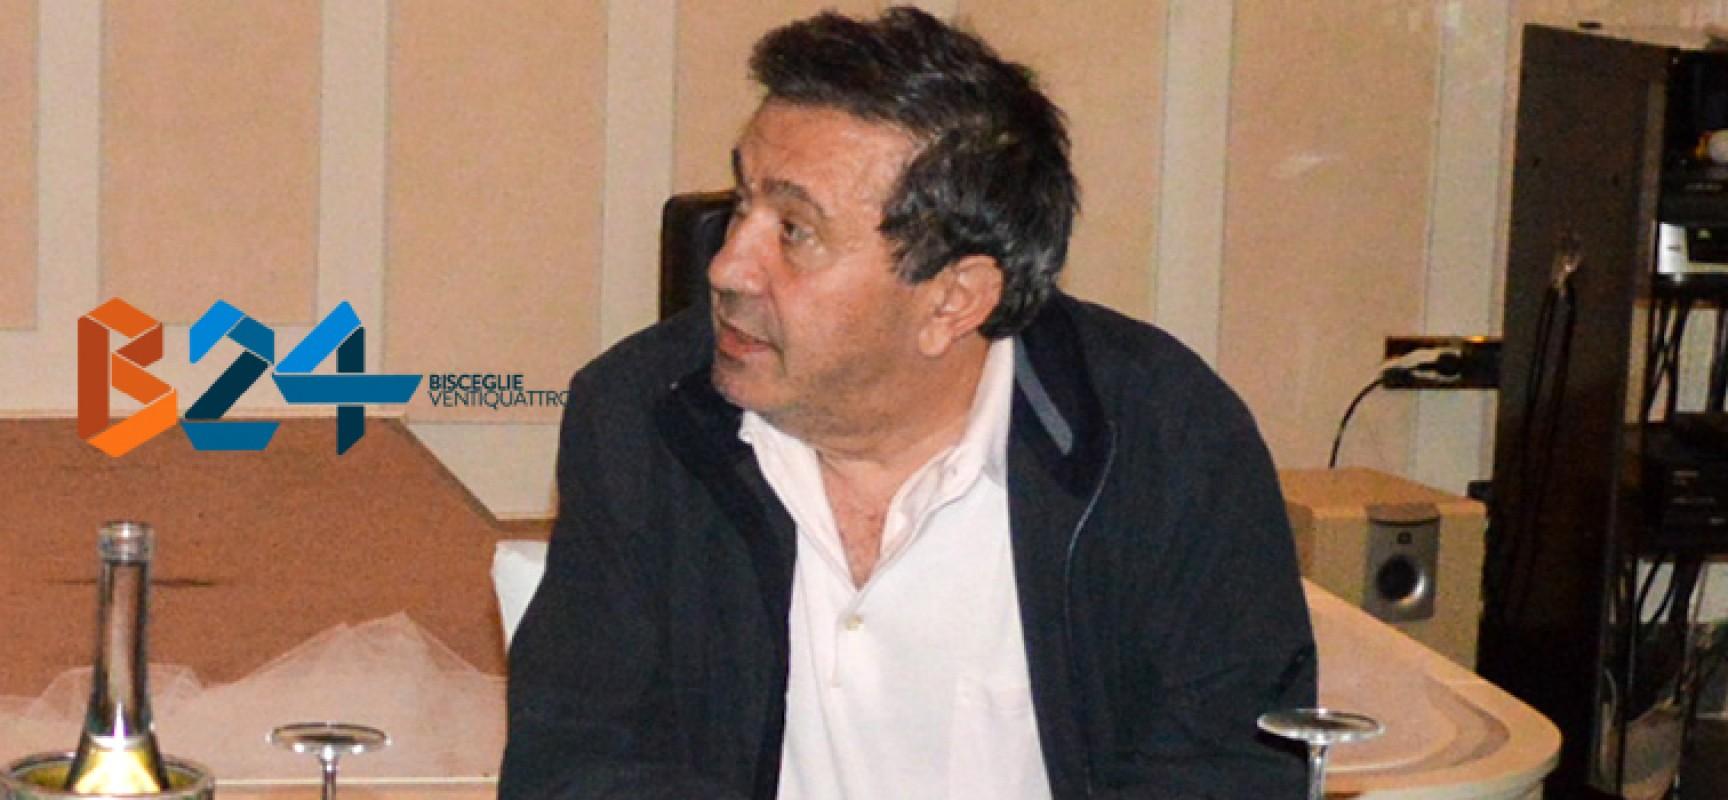 Azzollini, il Tribunale del Riesame dovrà ripronunciarsi sugli arresti domiciliari